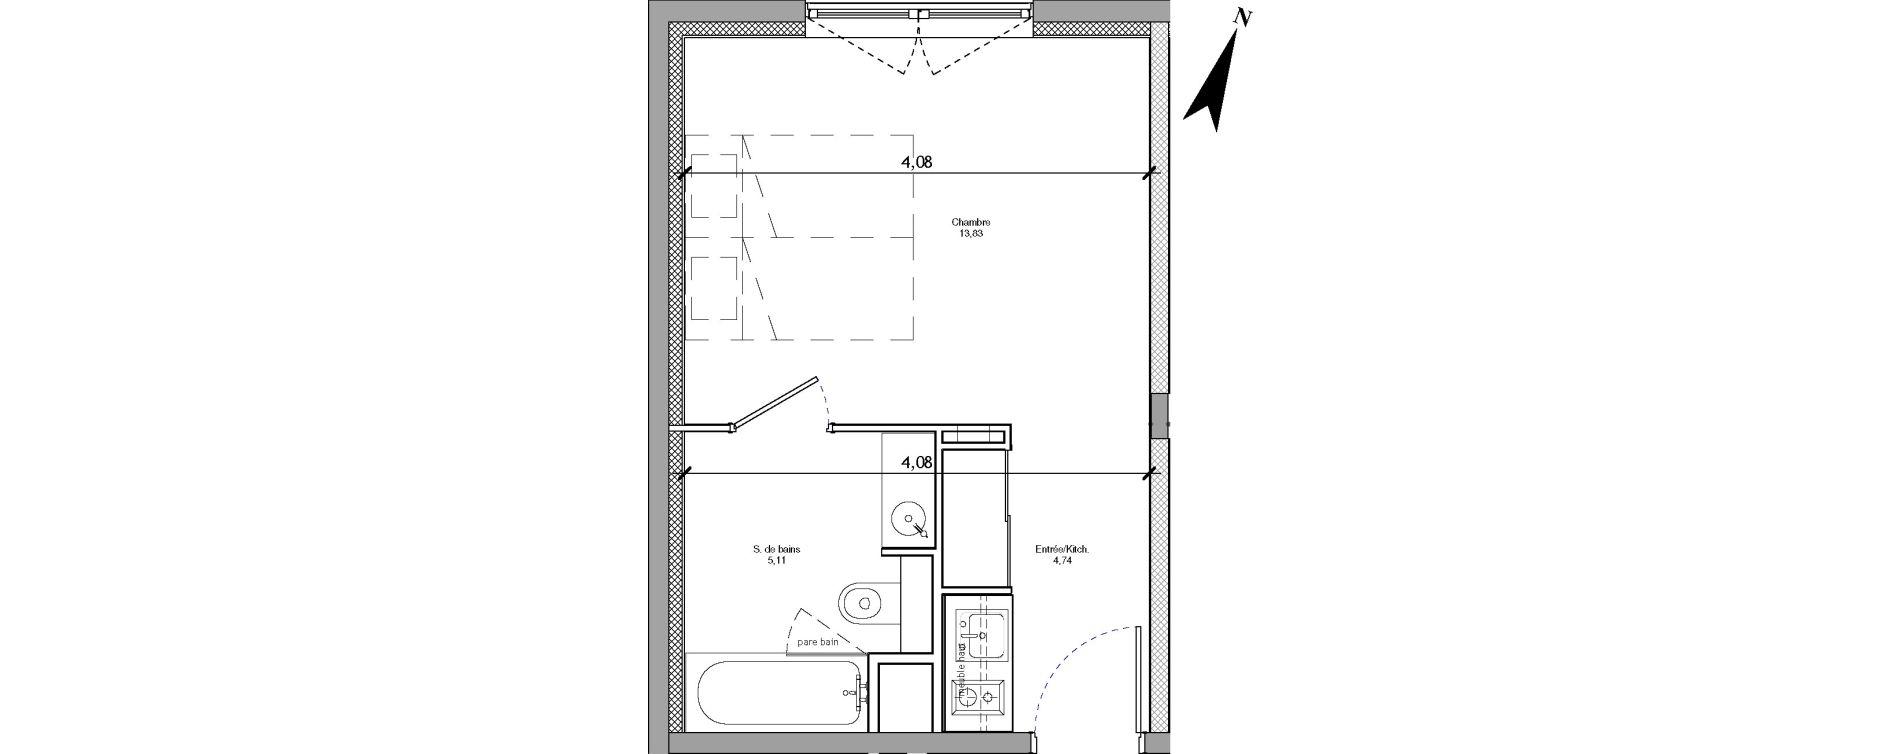 Appartement T1 meublé de 23,67 m2 à Angers La fayette-eble